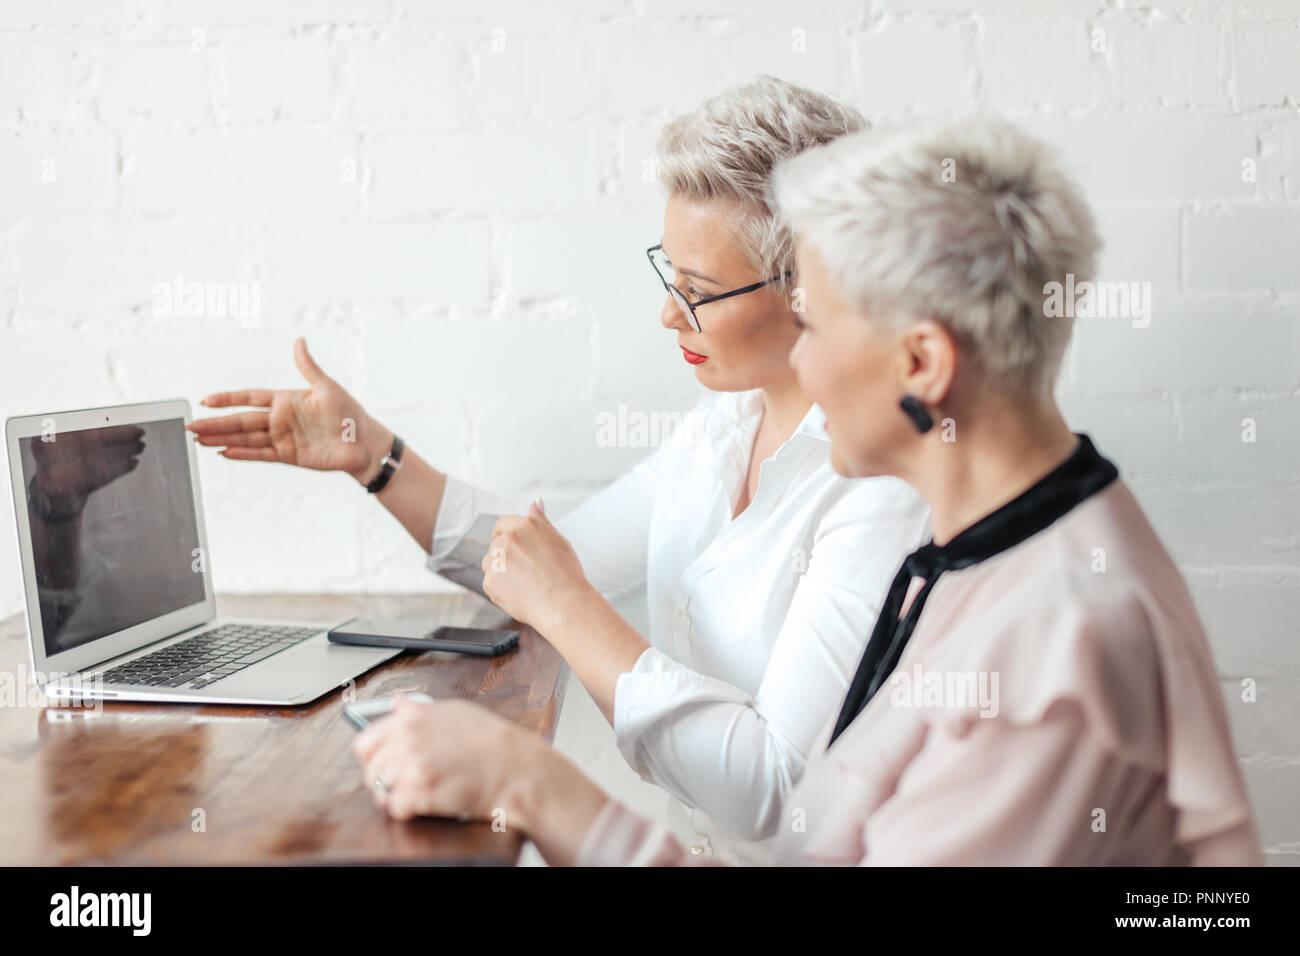 Lavoratore mostra presentazione per il suo boss femmina o client Immagini Stock